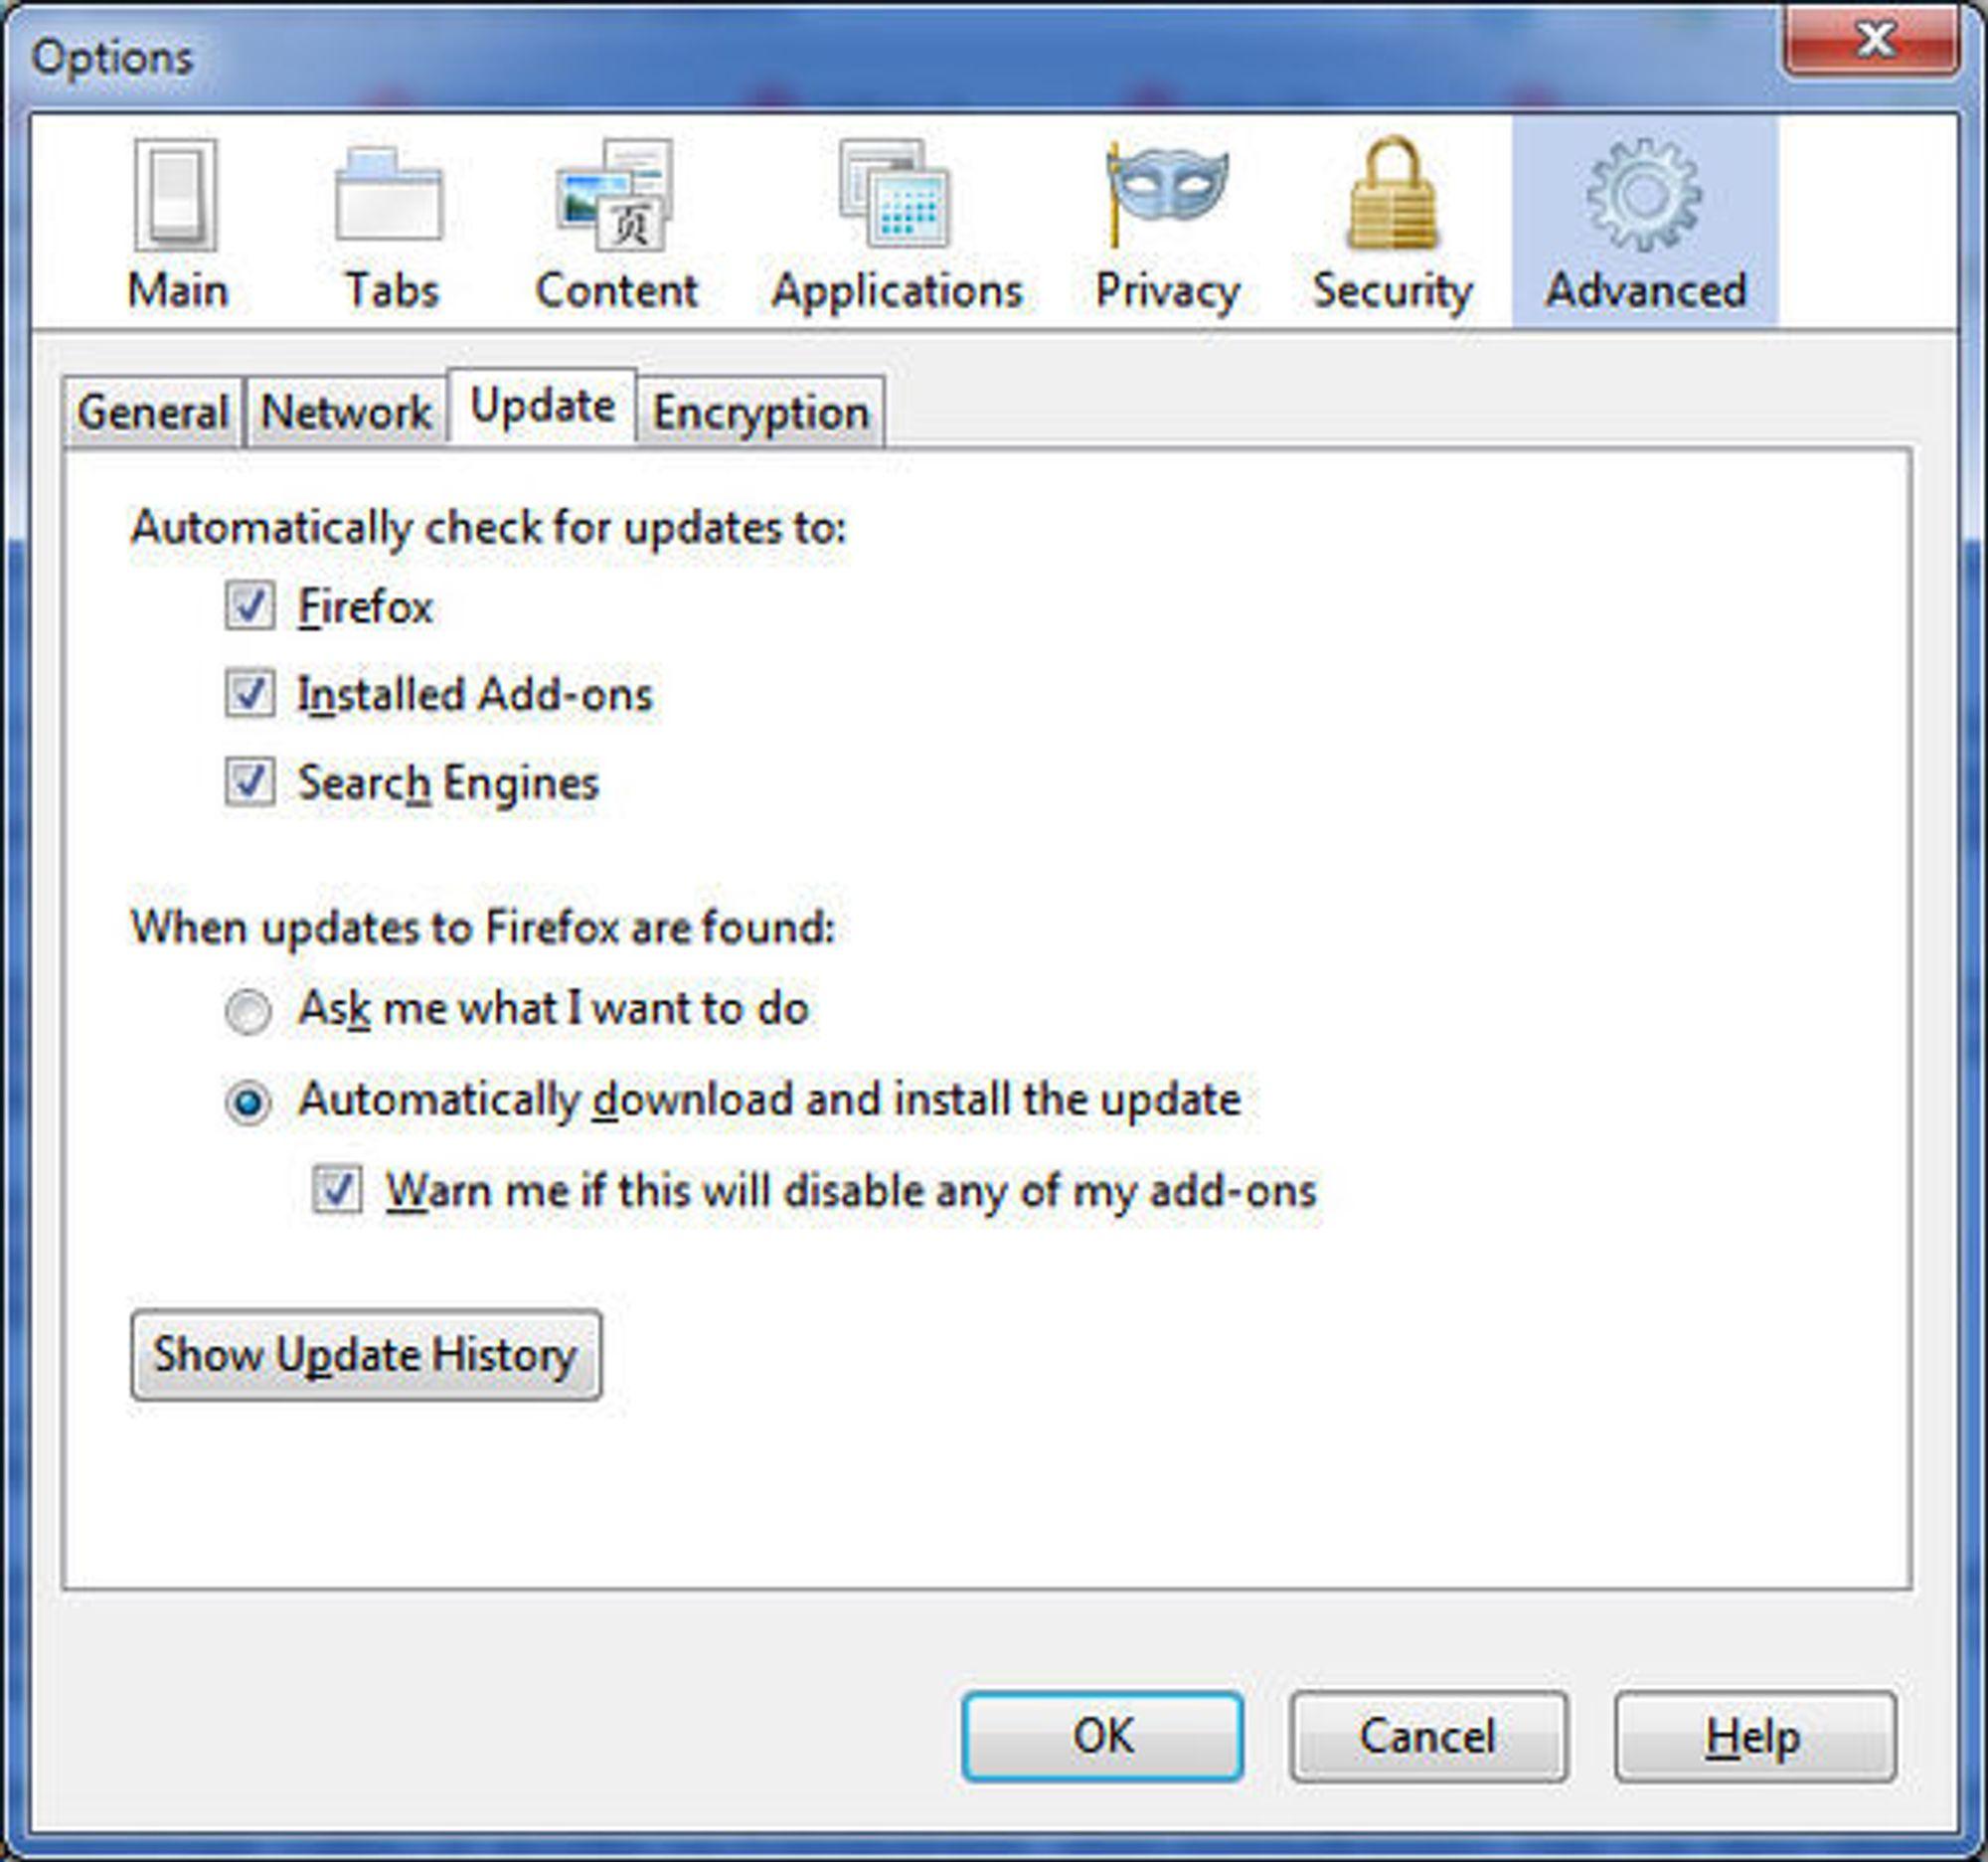 Kontroll over oppdateringssjekkingen i Firefox 3.5.x (engelsspråklig utgave)